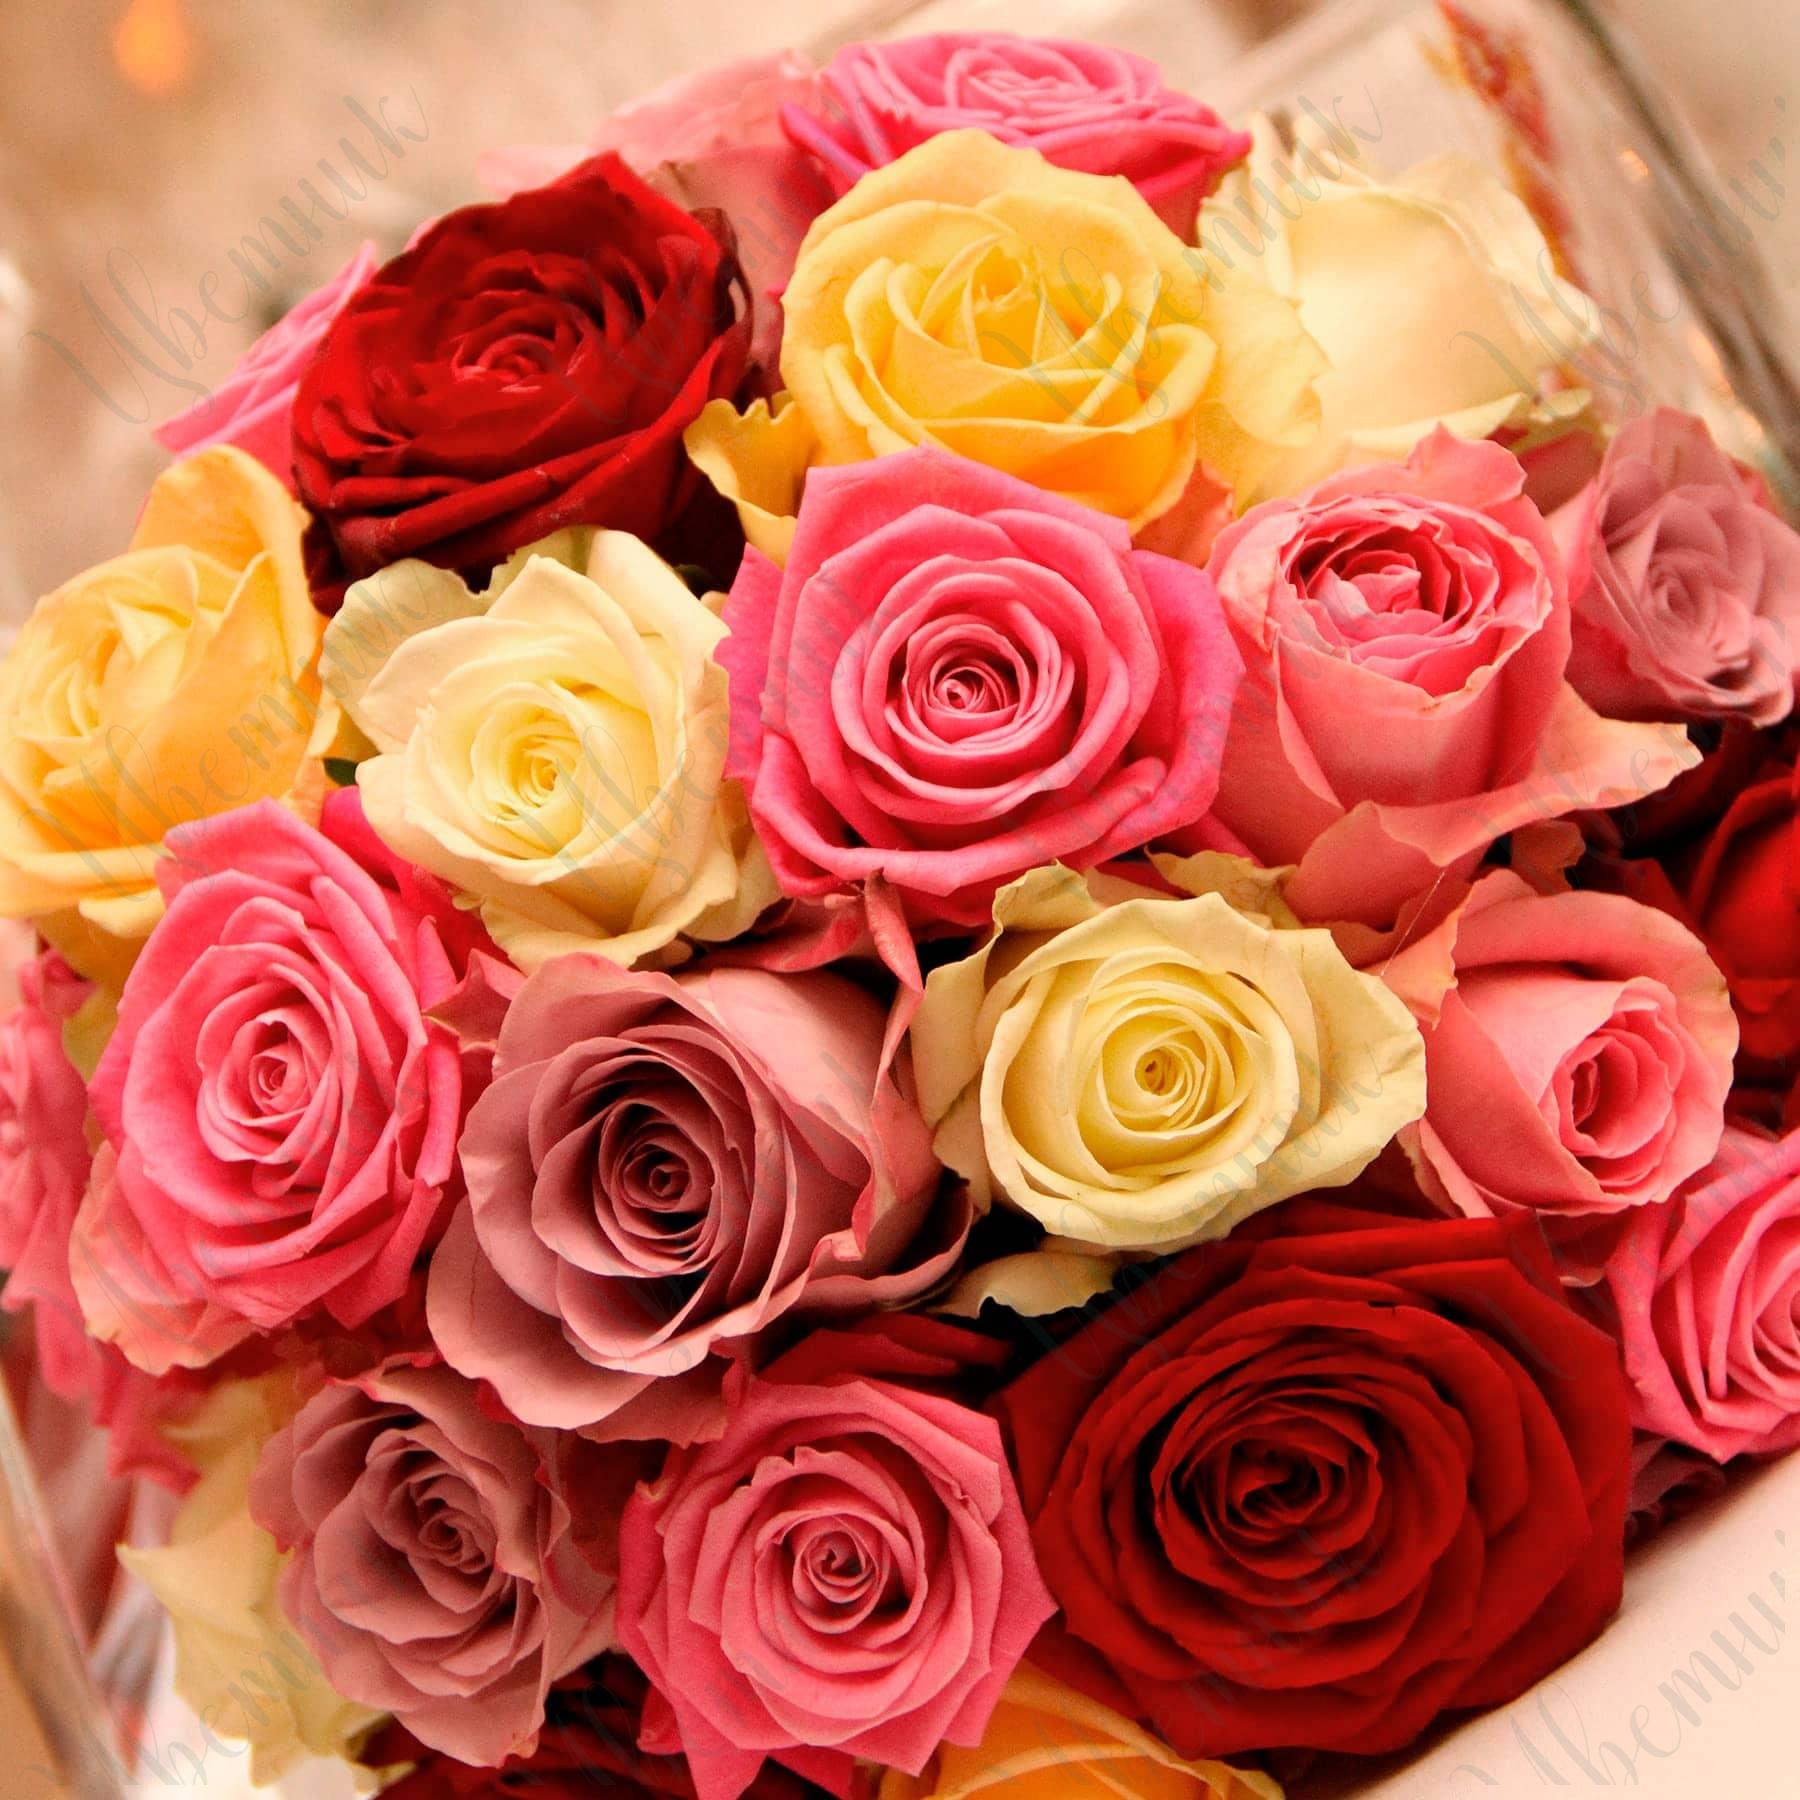 Букет из розовых, сиреневых и кремовых роз